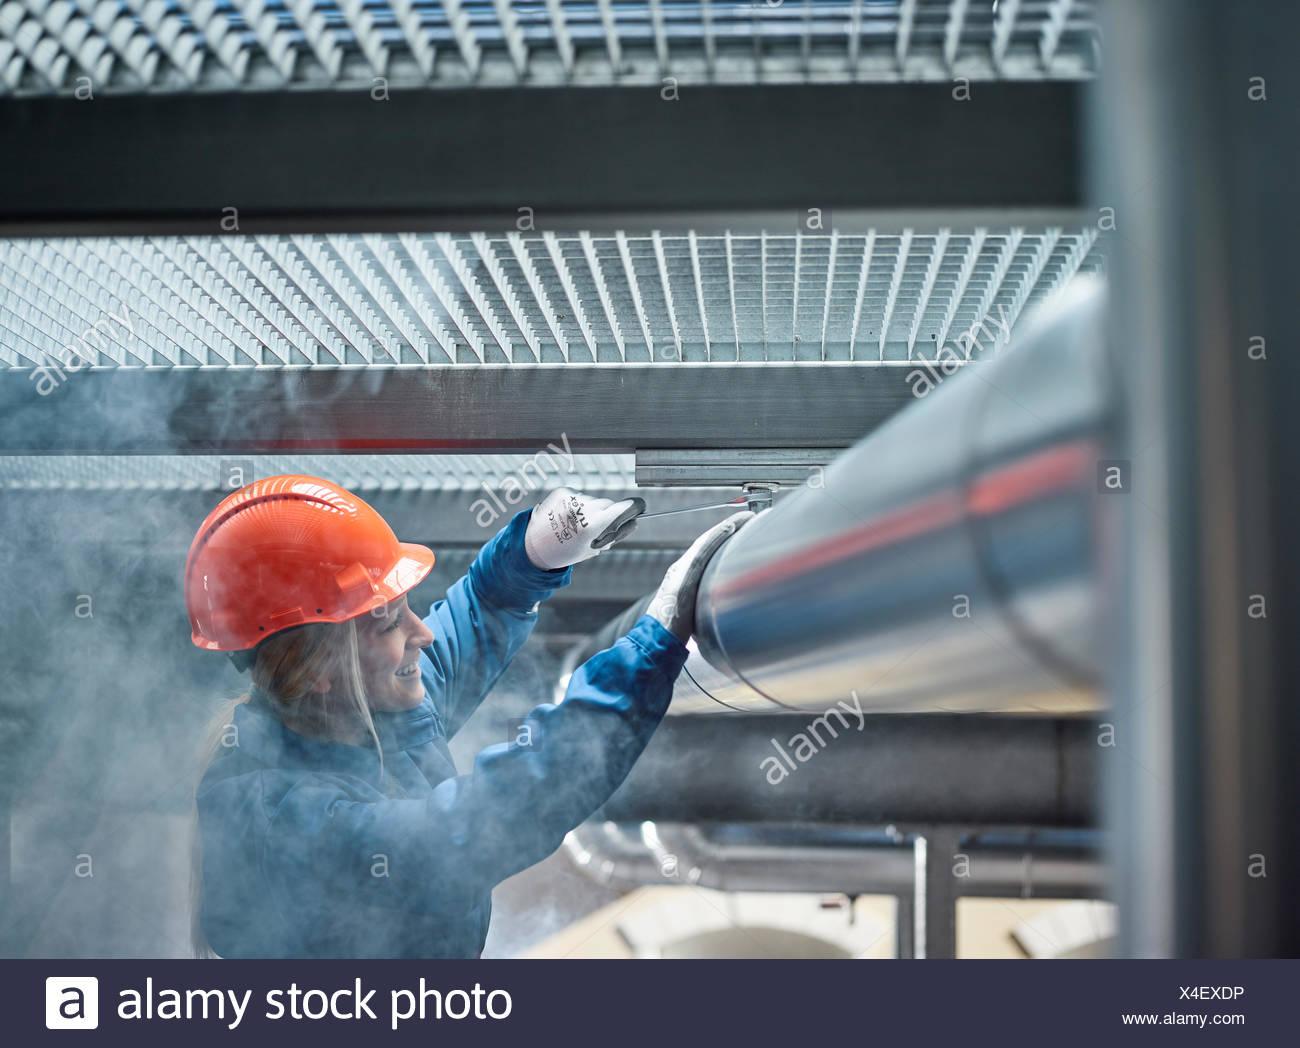 Technicien, mécanicien de casque orange le montage d'un support de conduite de réfrigération, Autriche Photo Stock